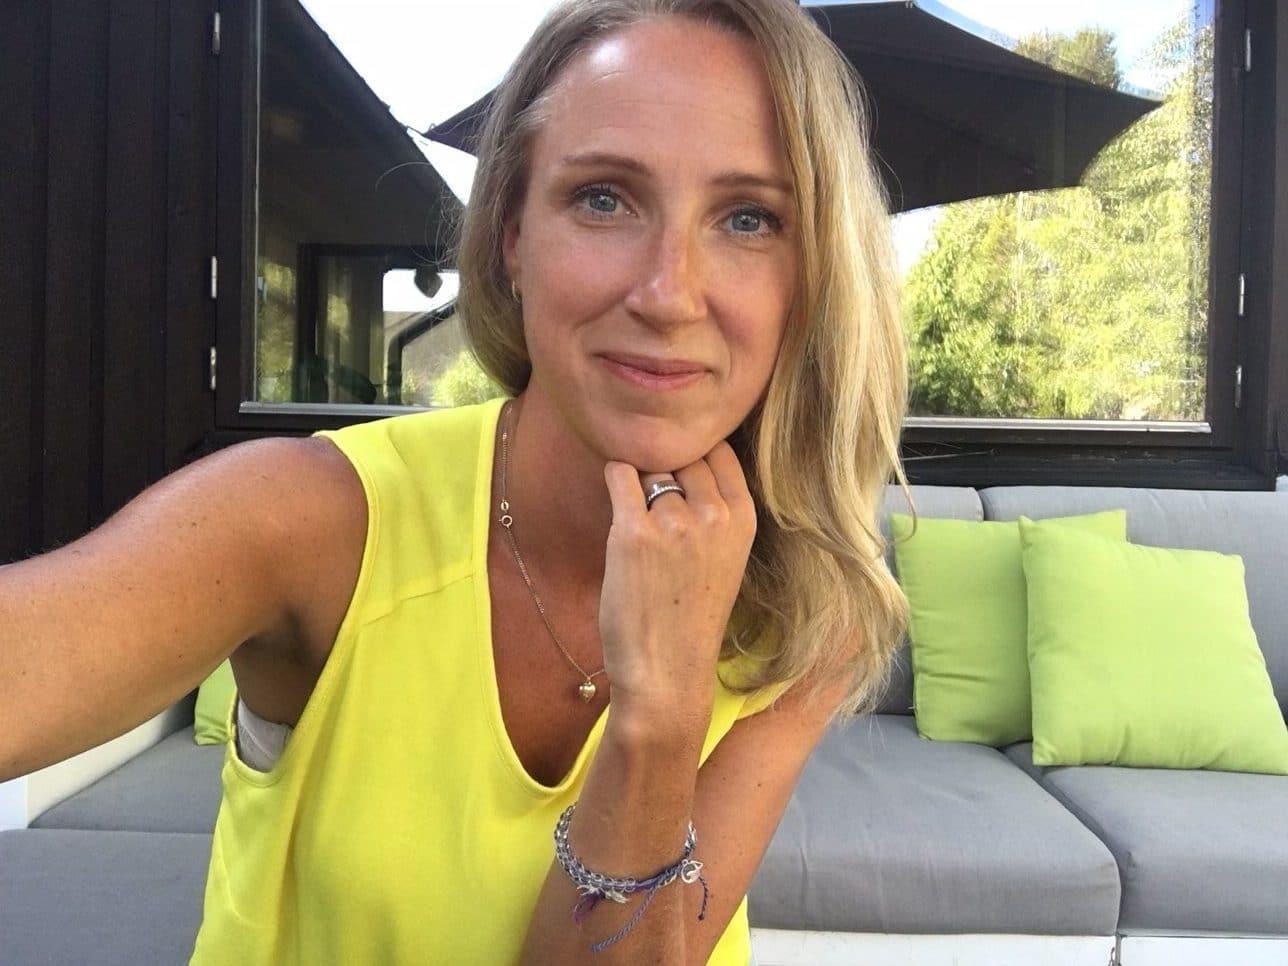 Mia-Ingelström-@RikaKvinnor.se-women-empowering-women ekonomisk frihet